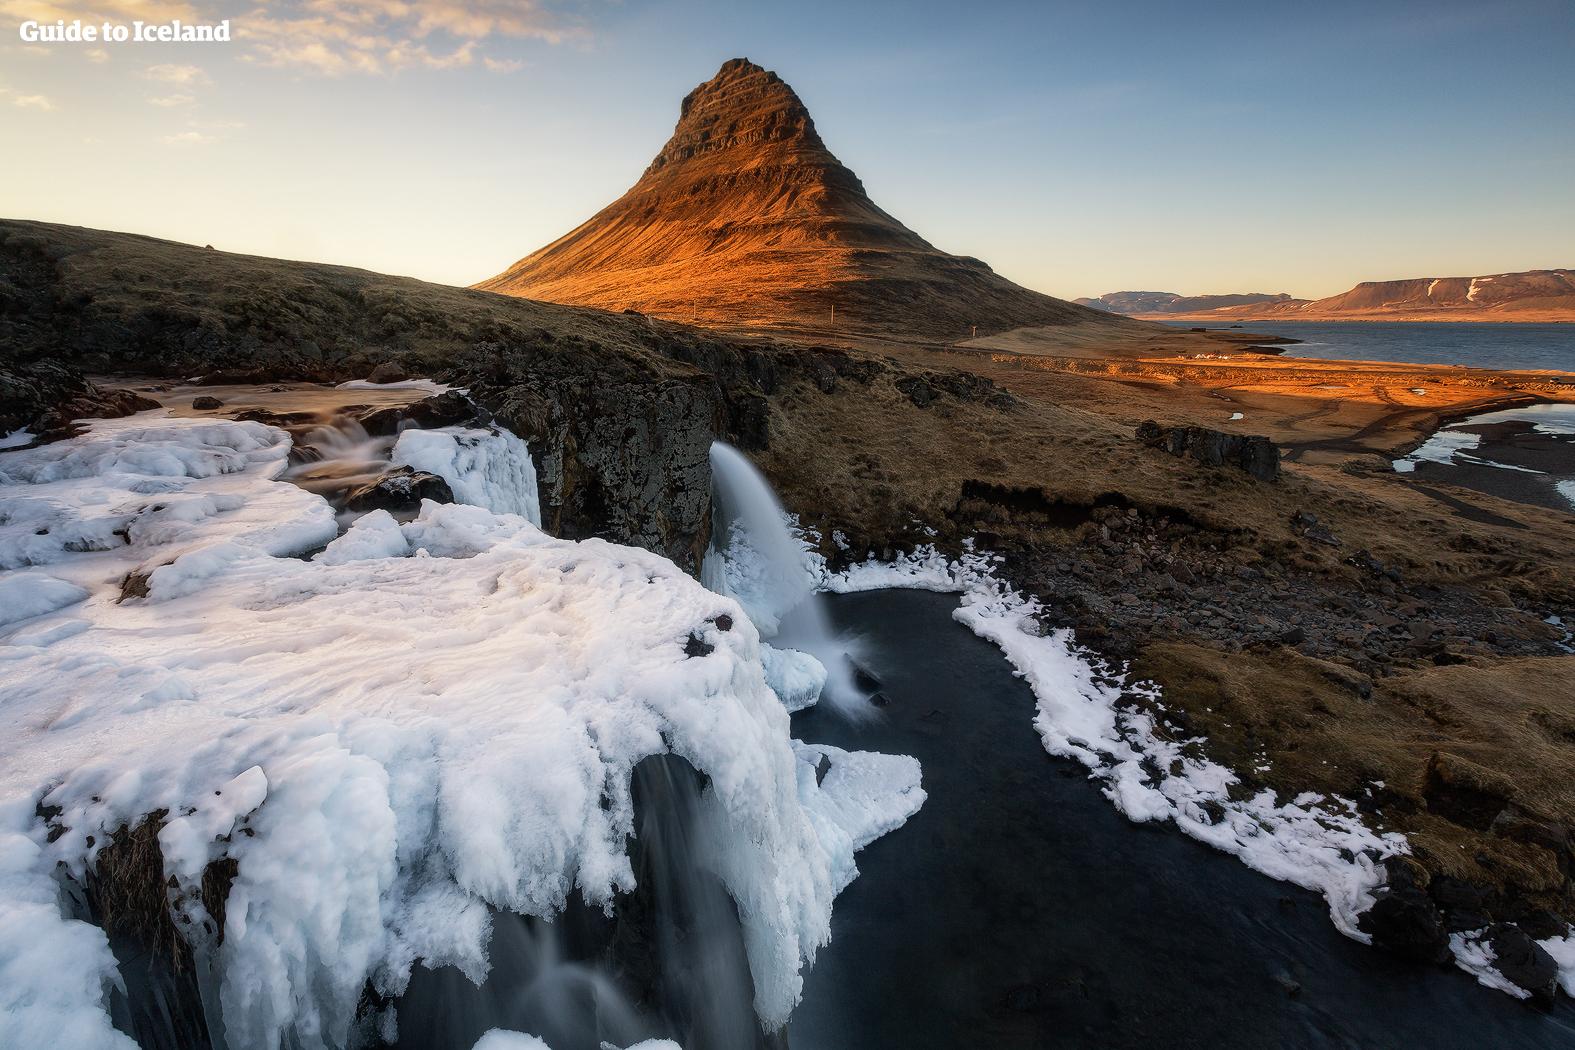 冰岛斯奈山半岛上的教会山深受摄影师喜爱